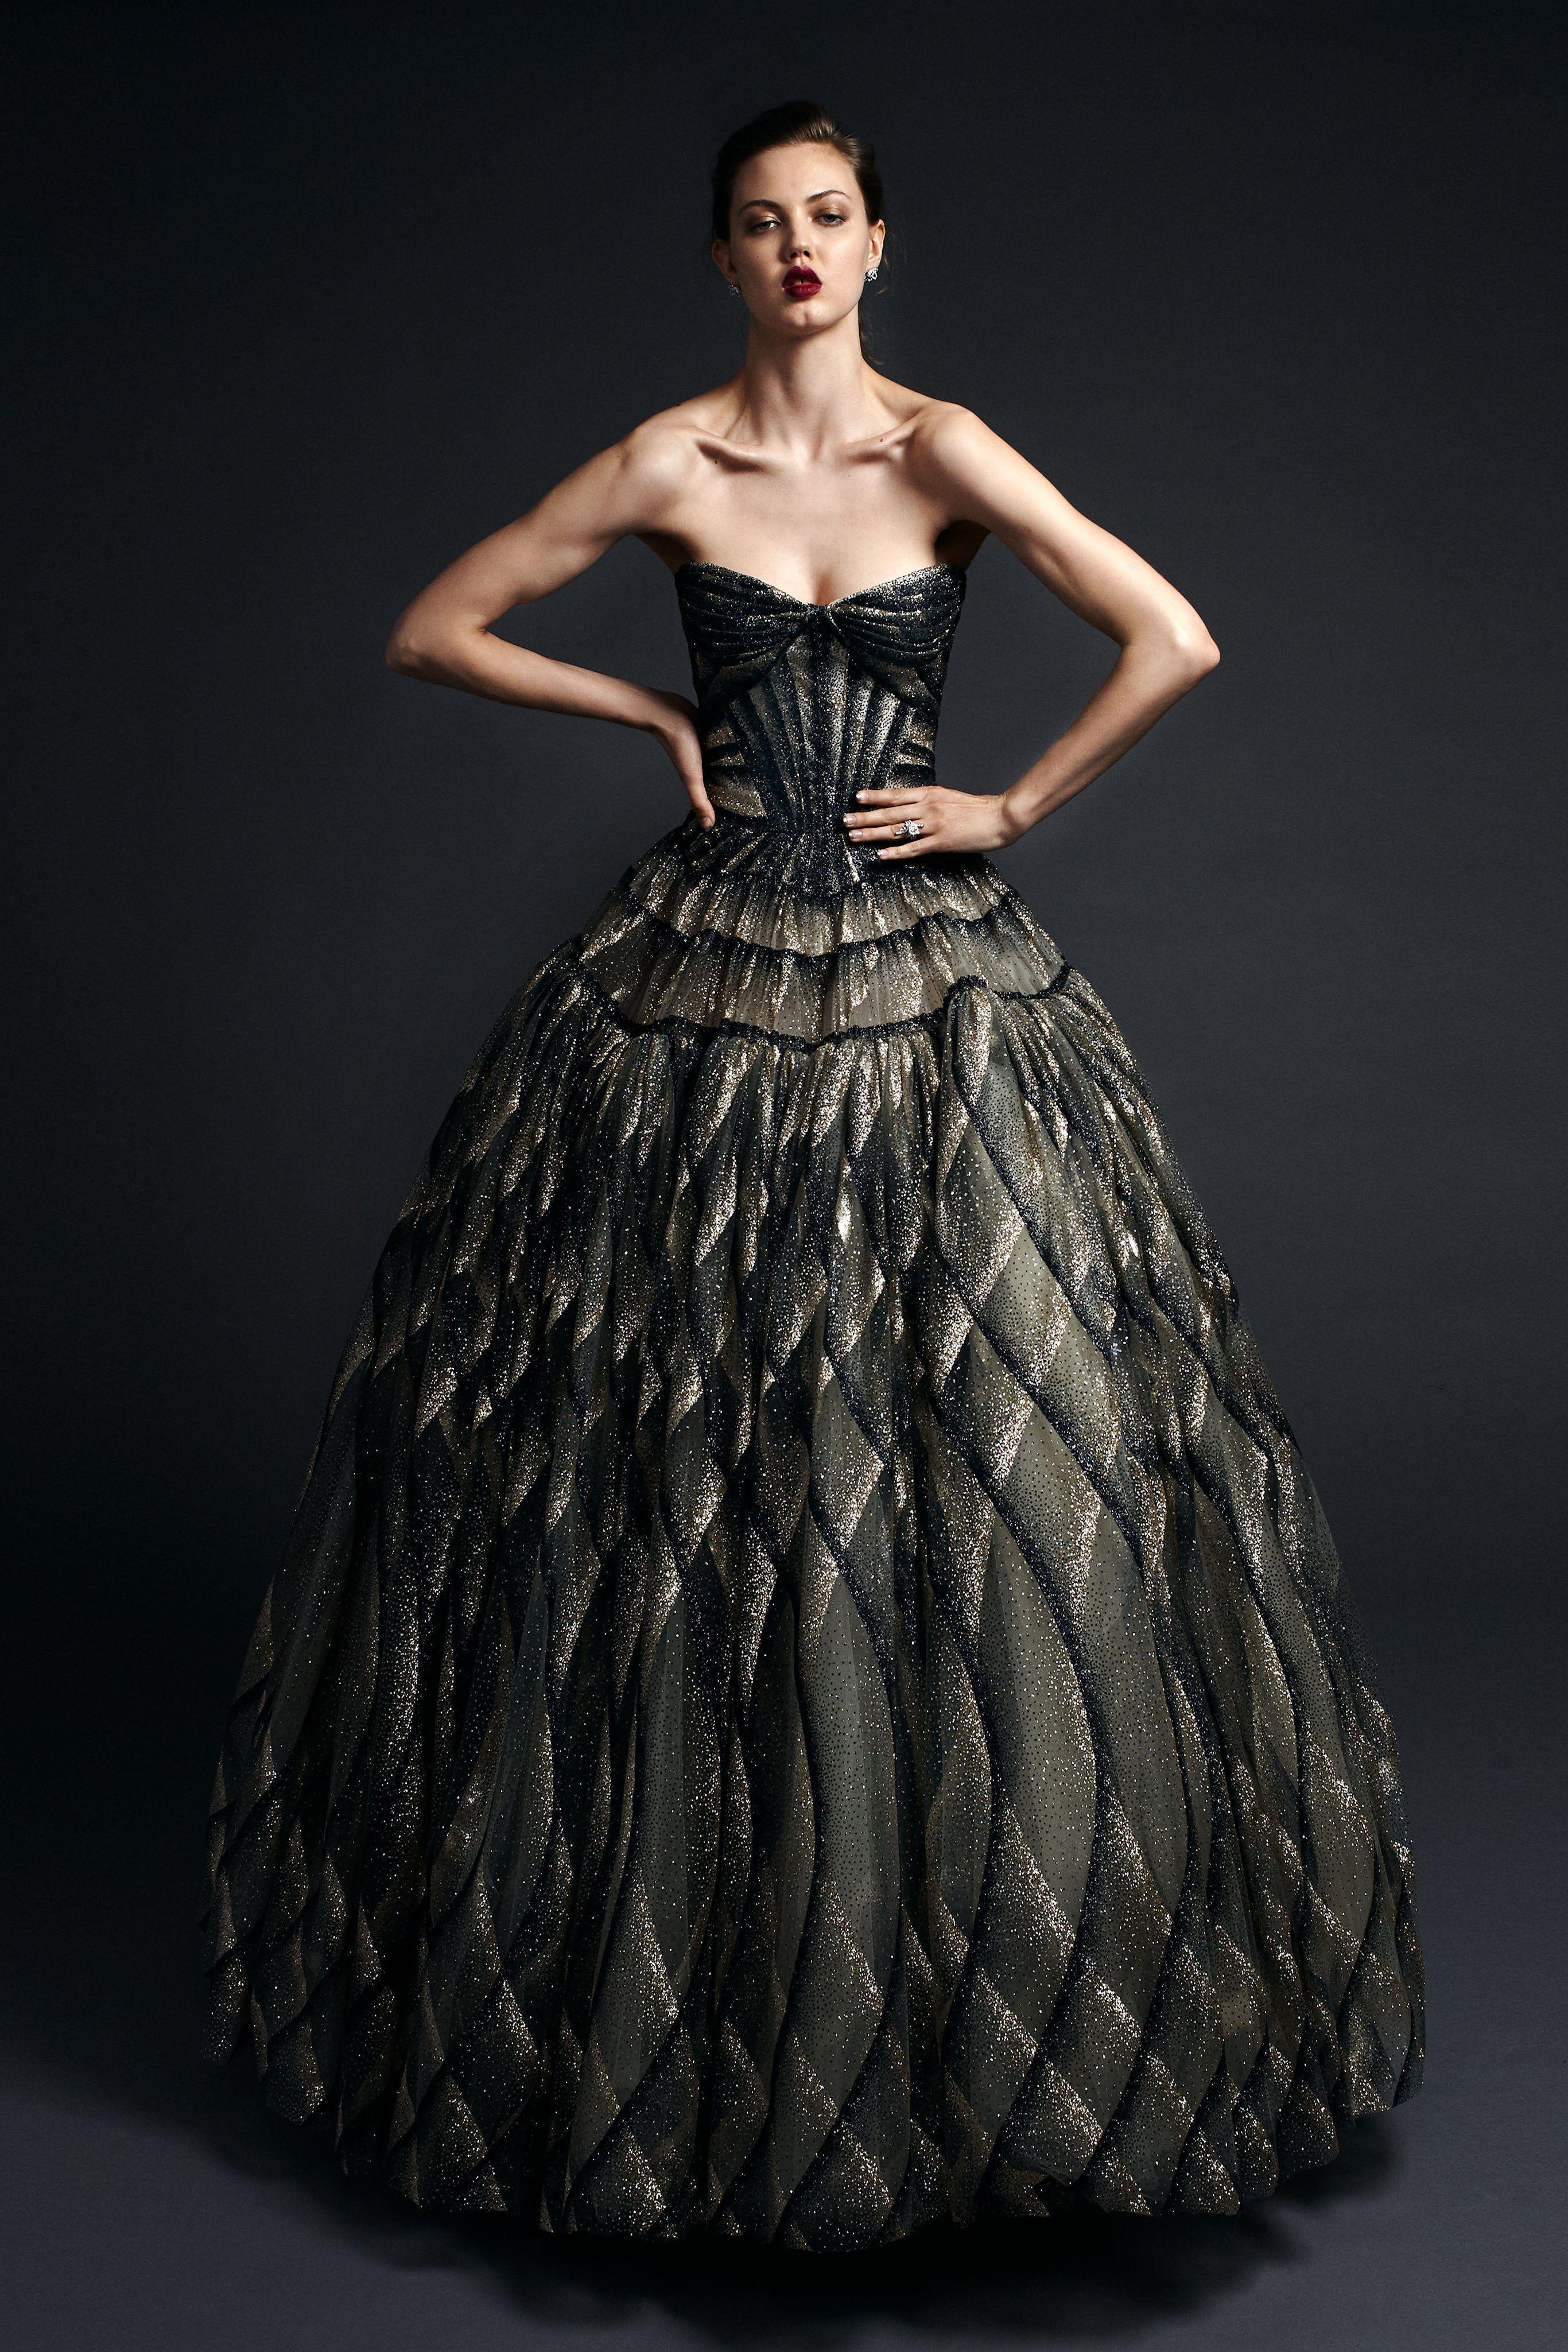 Zac Posen Resort 2020 Fashion Show Zac Posen Gowns Fashion